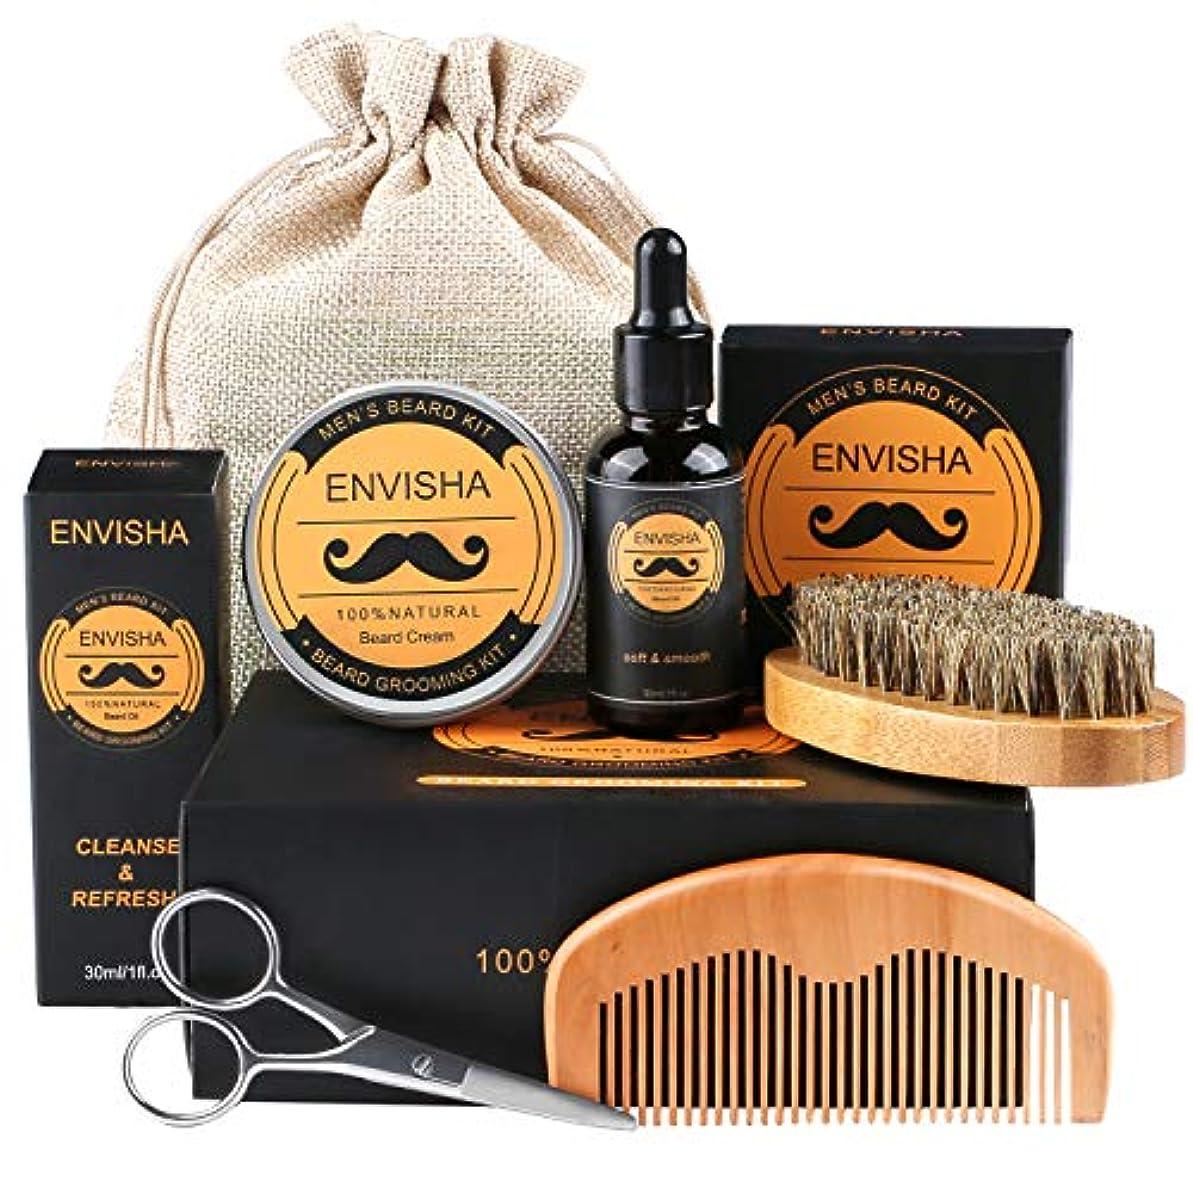 愛する博物館定義Beard Kit、Fixget Beard Care Kit(無料のひげの手入れとトリミングキット付き)100%のイノシシのひげのブラシ、木のひげの櫛、ひげ、男性のための口ひげのはさみお父さん夫